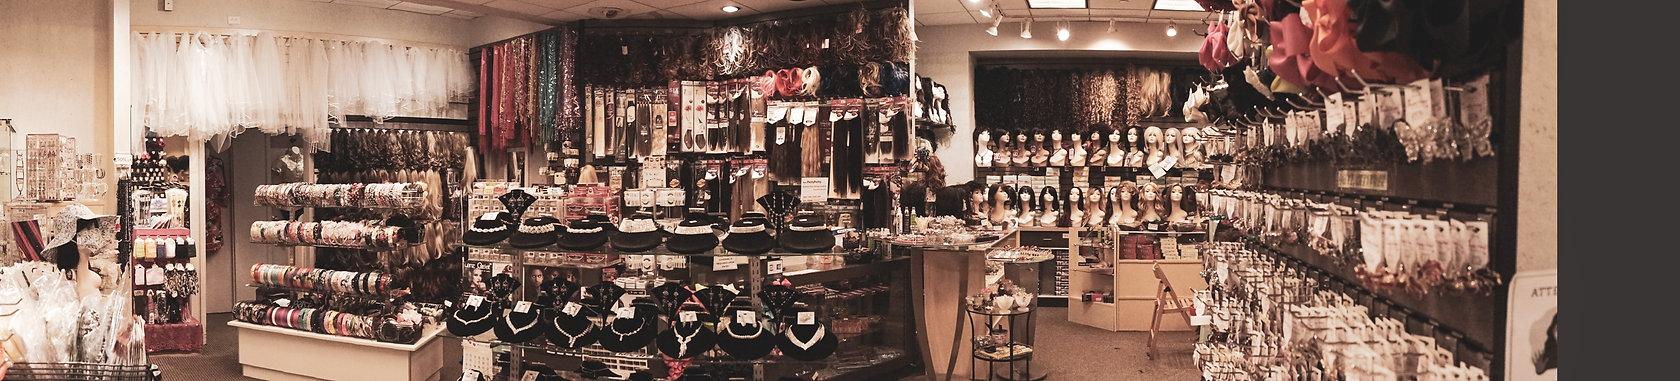 store_.jpg